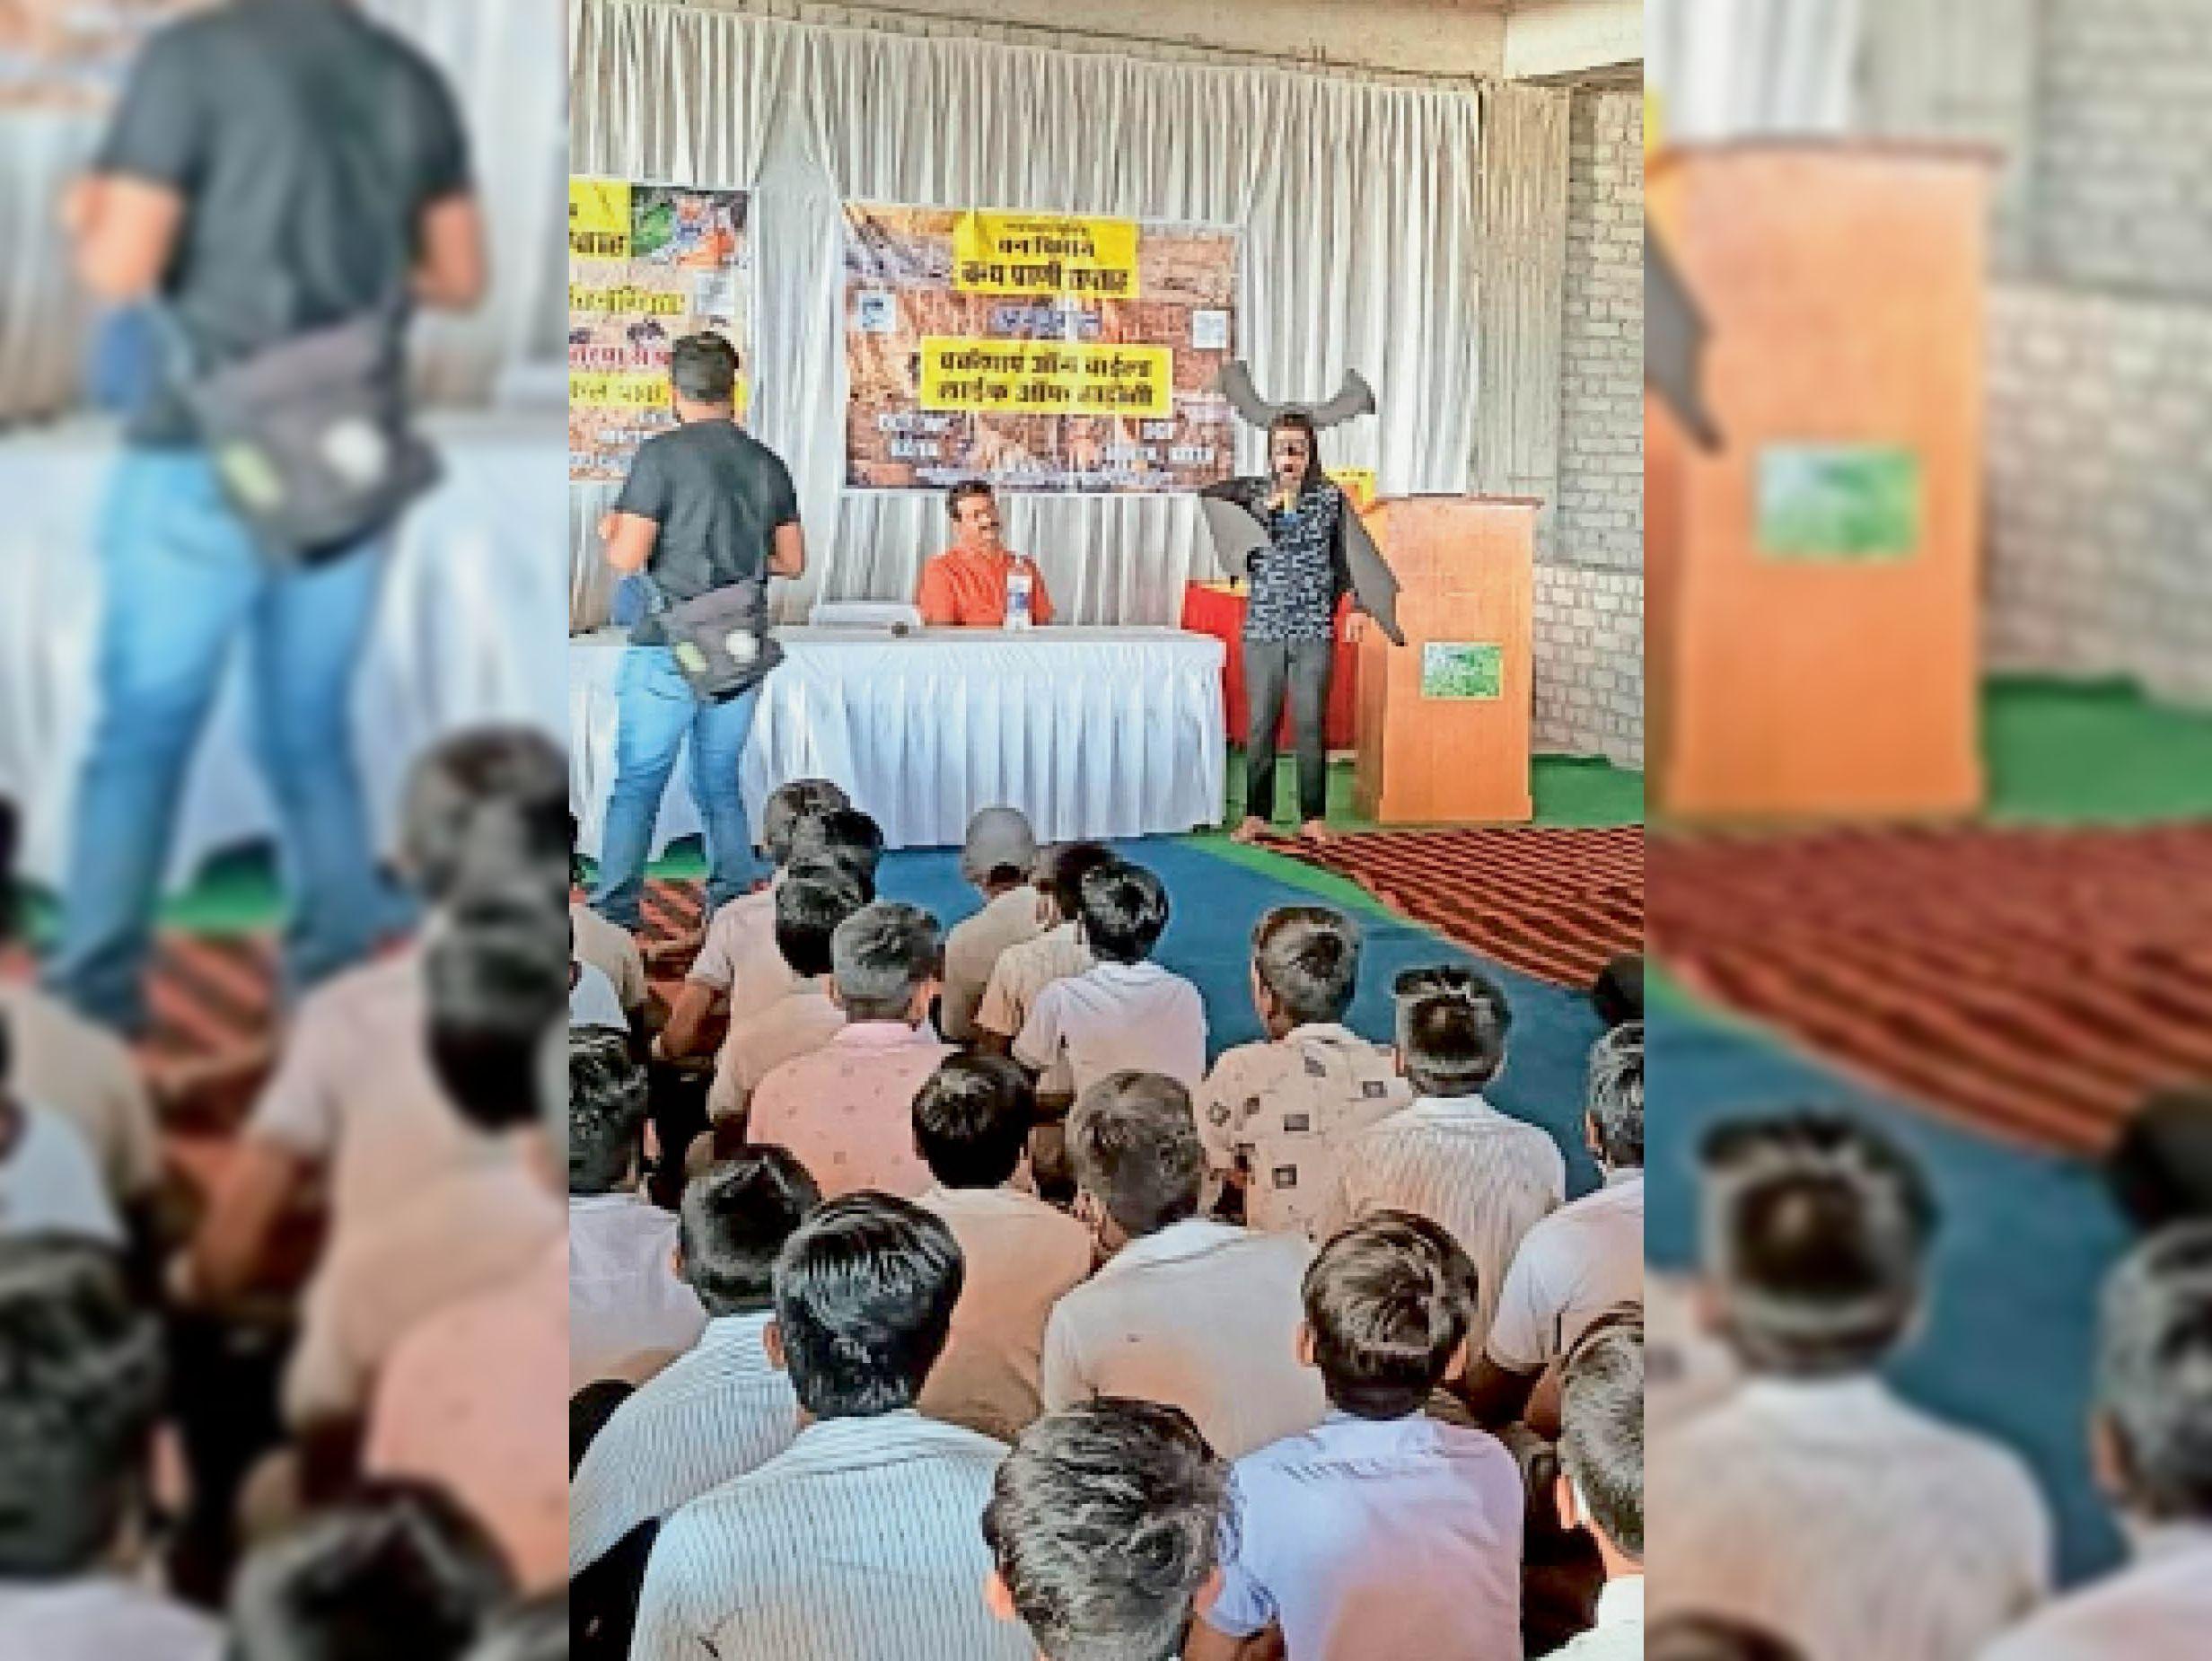 वन्यजीव सप्ताह के समापन पर आयोजित कार्यक्रम में प्रस्तुति देते बालक। - Dainik Bhaskar